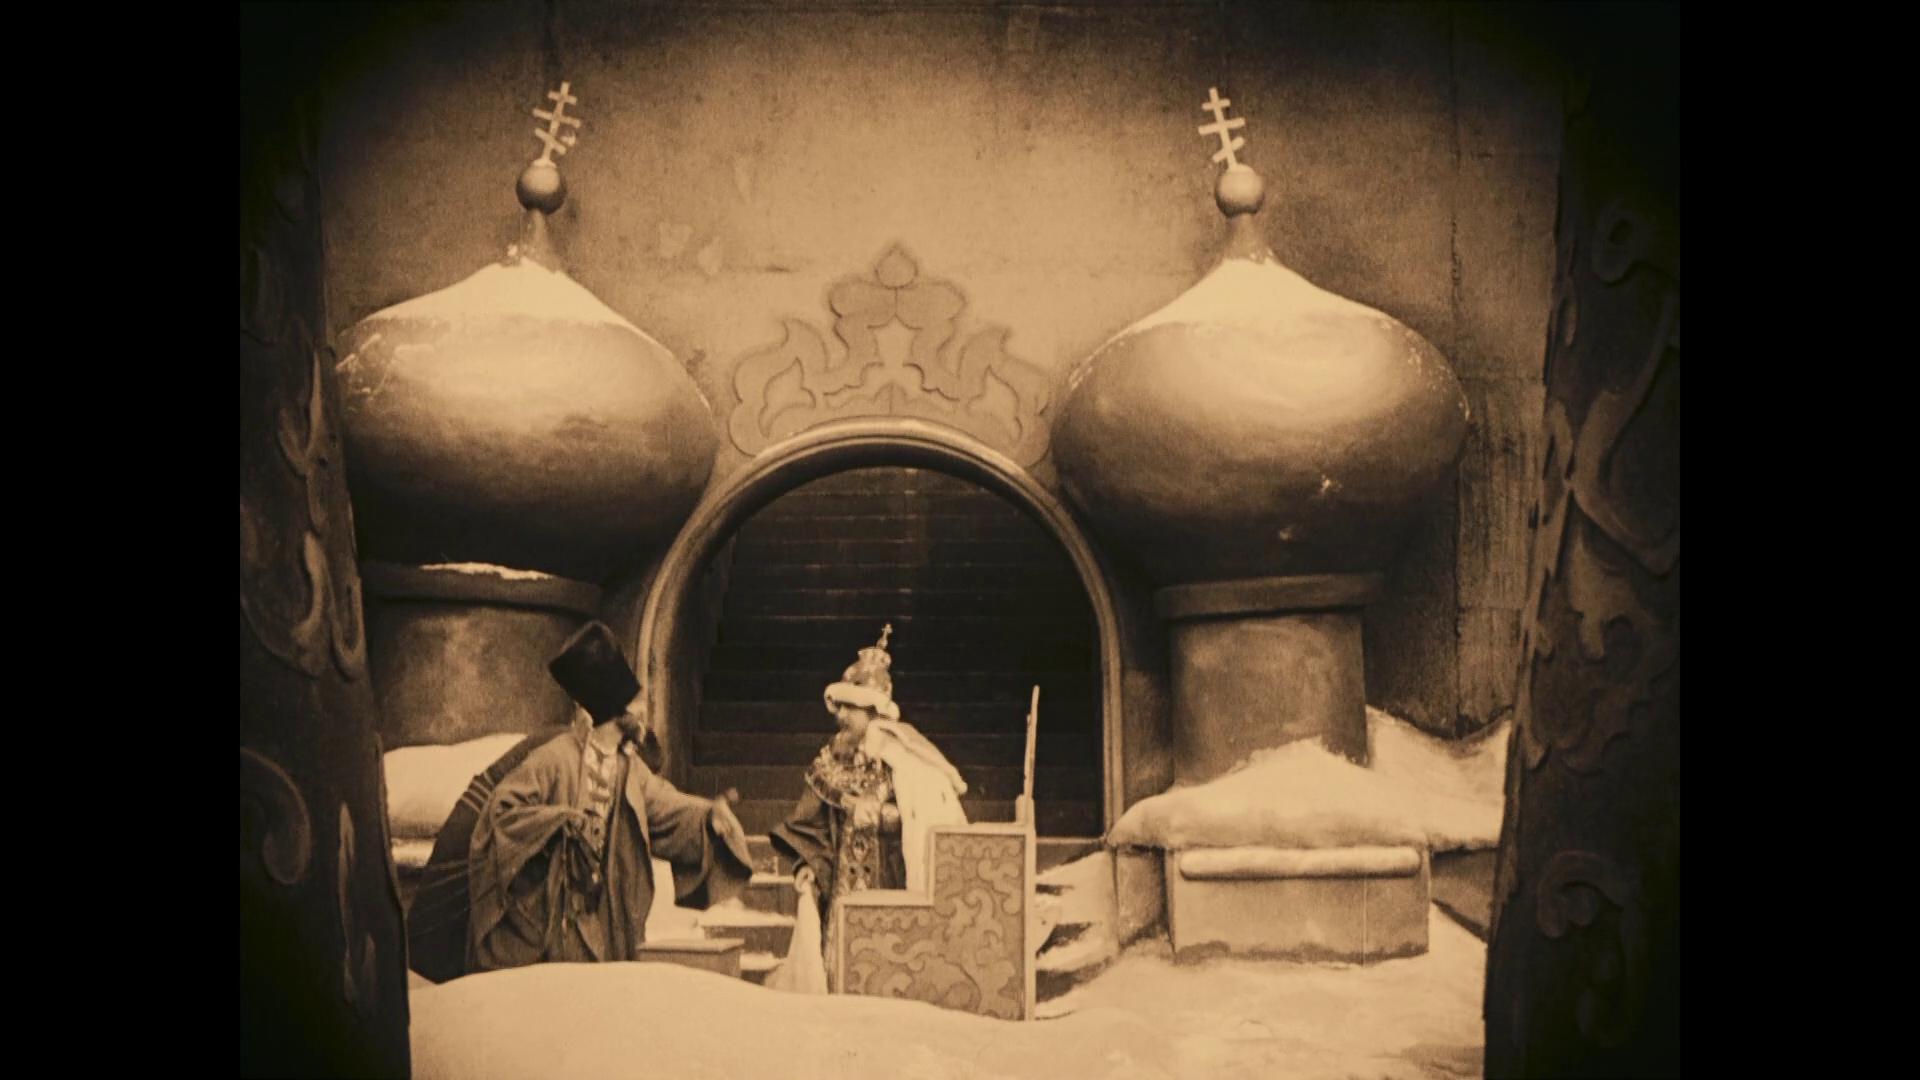 Image du film muet allemand Das Wachsfigurenkabinett (Le cabinet des figures de cire, 1924) de Paul Leni